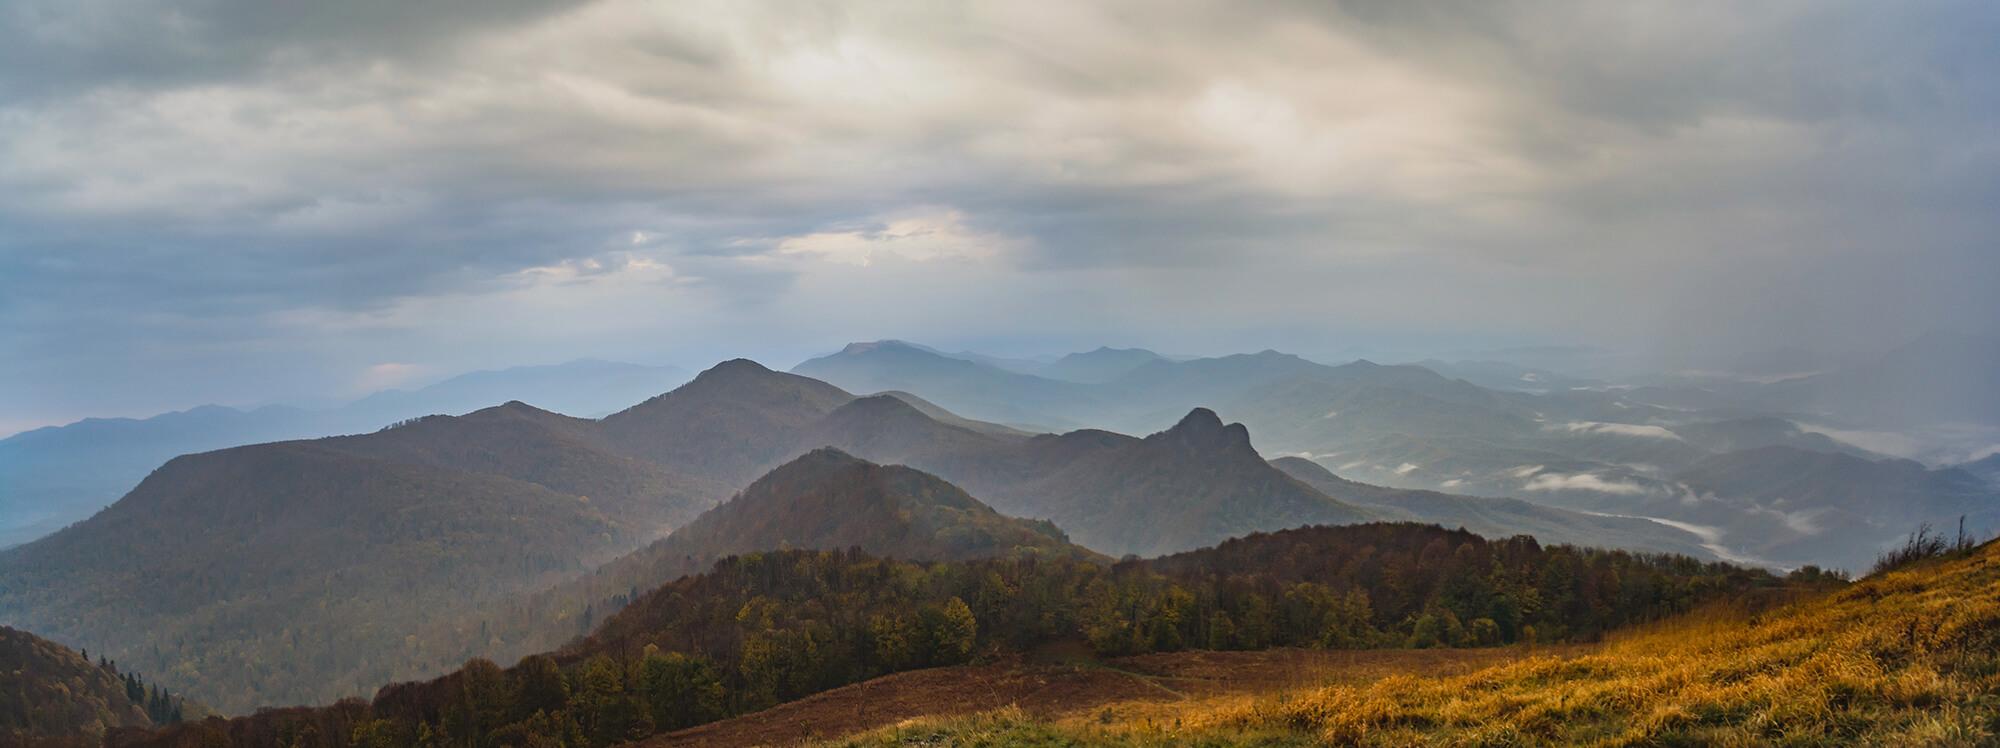 Вид на восток с горы Семашхо